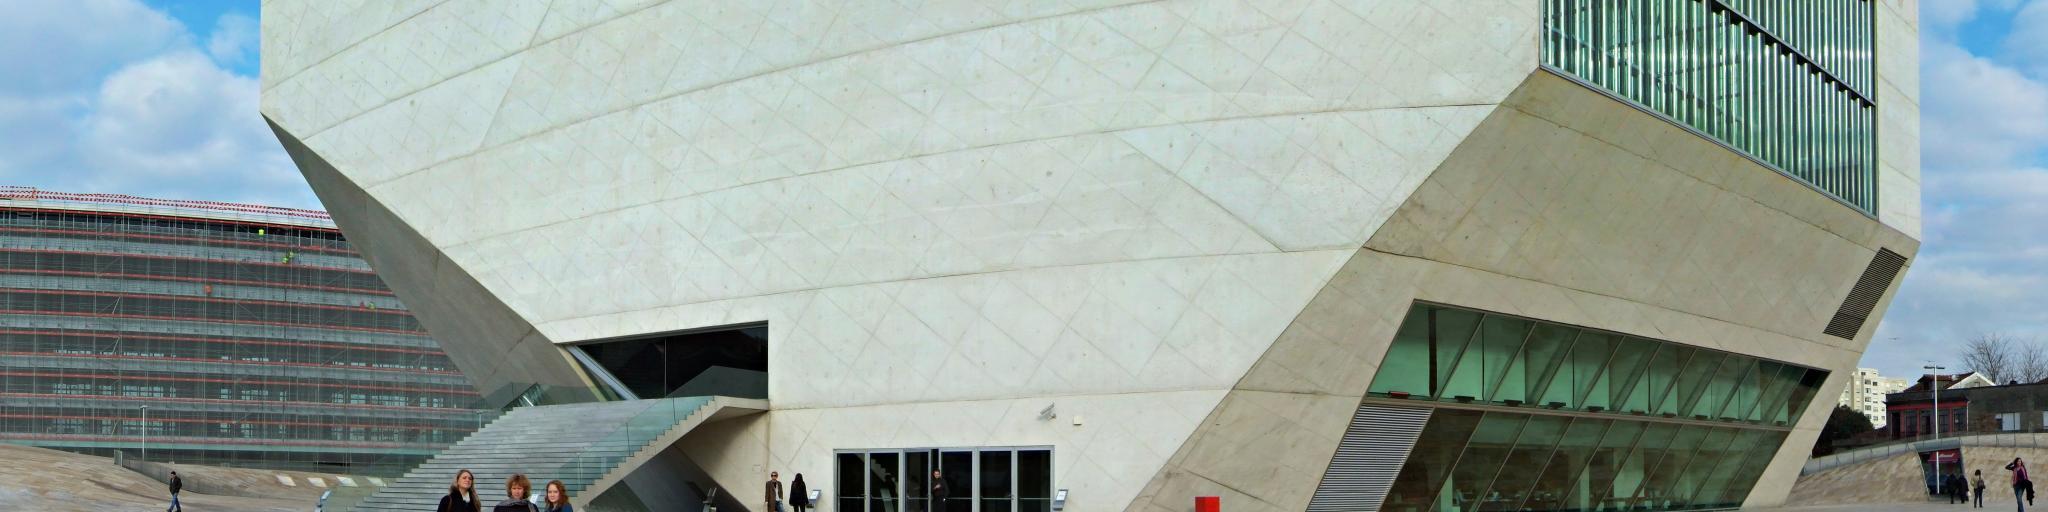 The distinctive modern architecture of Casa da Musica in Porto